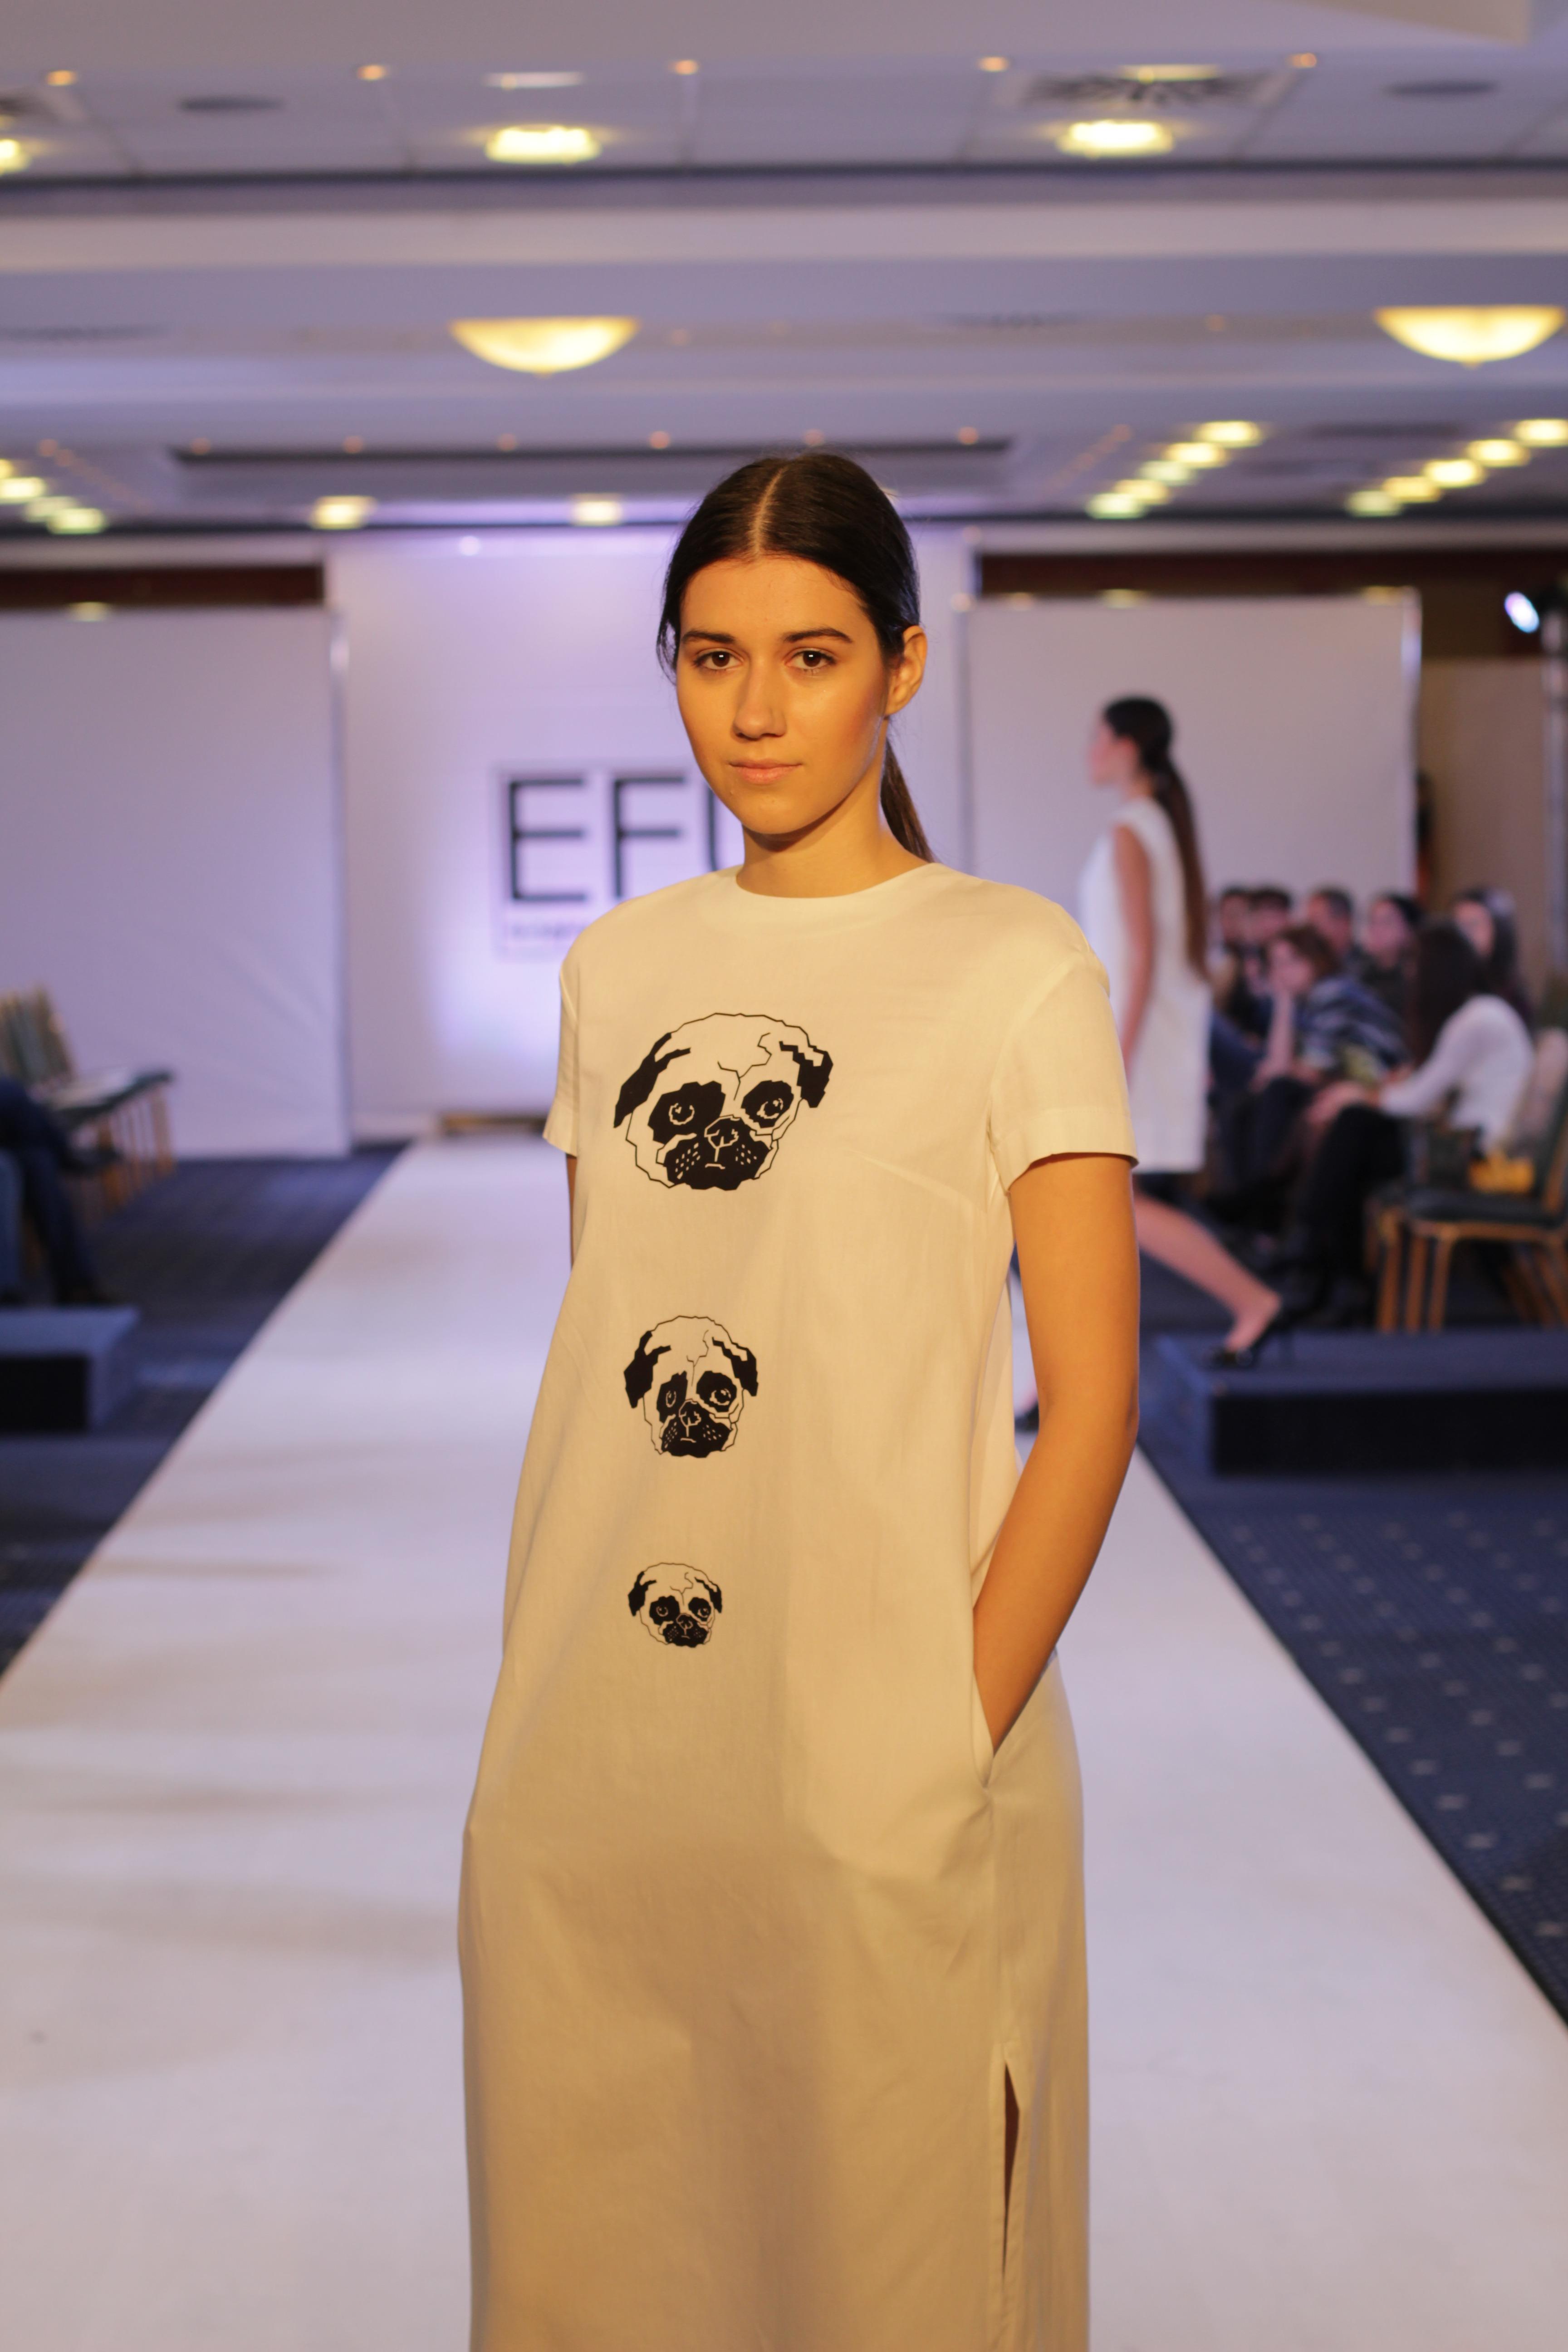 24 и 25 октября в Будапеште в гостинице Бест Вестерн, Венгрия состоялись показы рамках European Fashion Union – мероприятия, созданного для продвижения талантливых дизайнеров одежды аксессуаров на международном уровне.